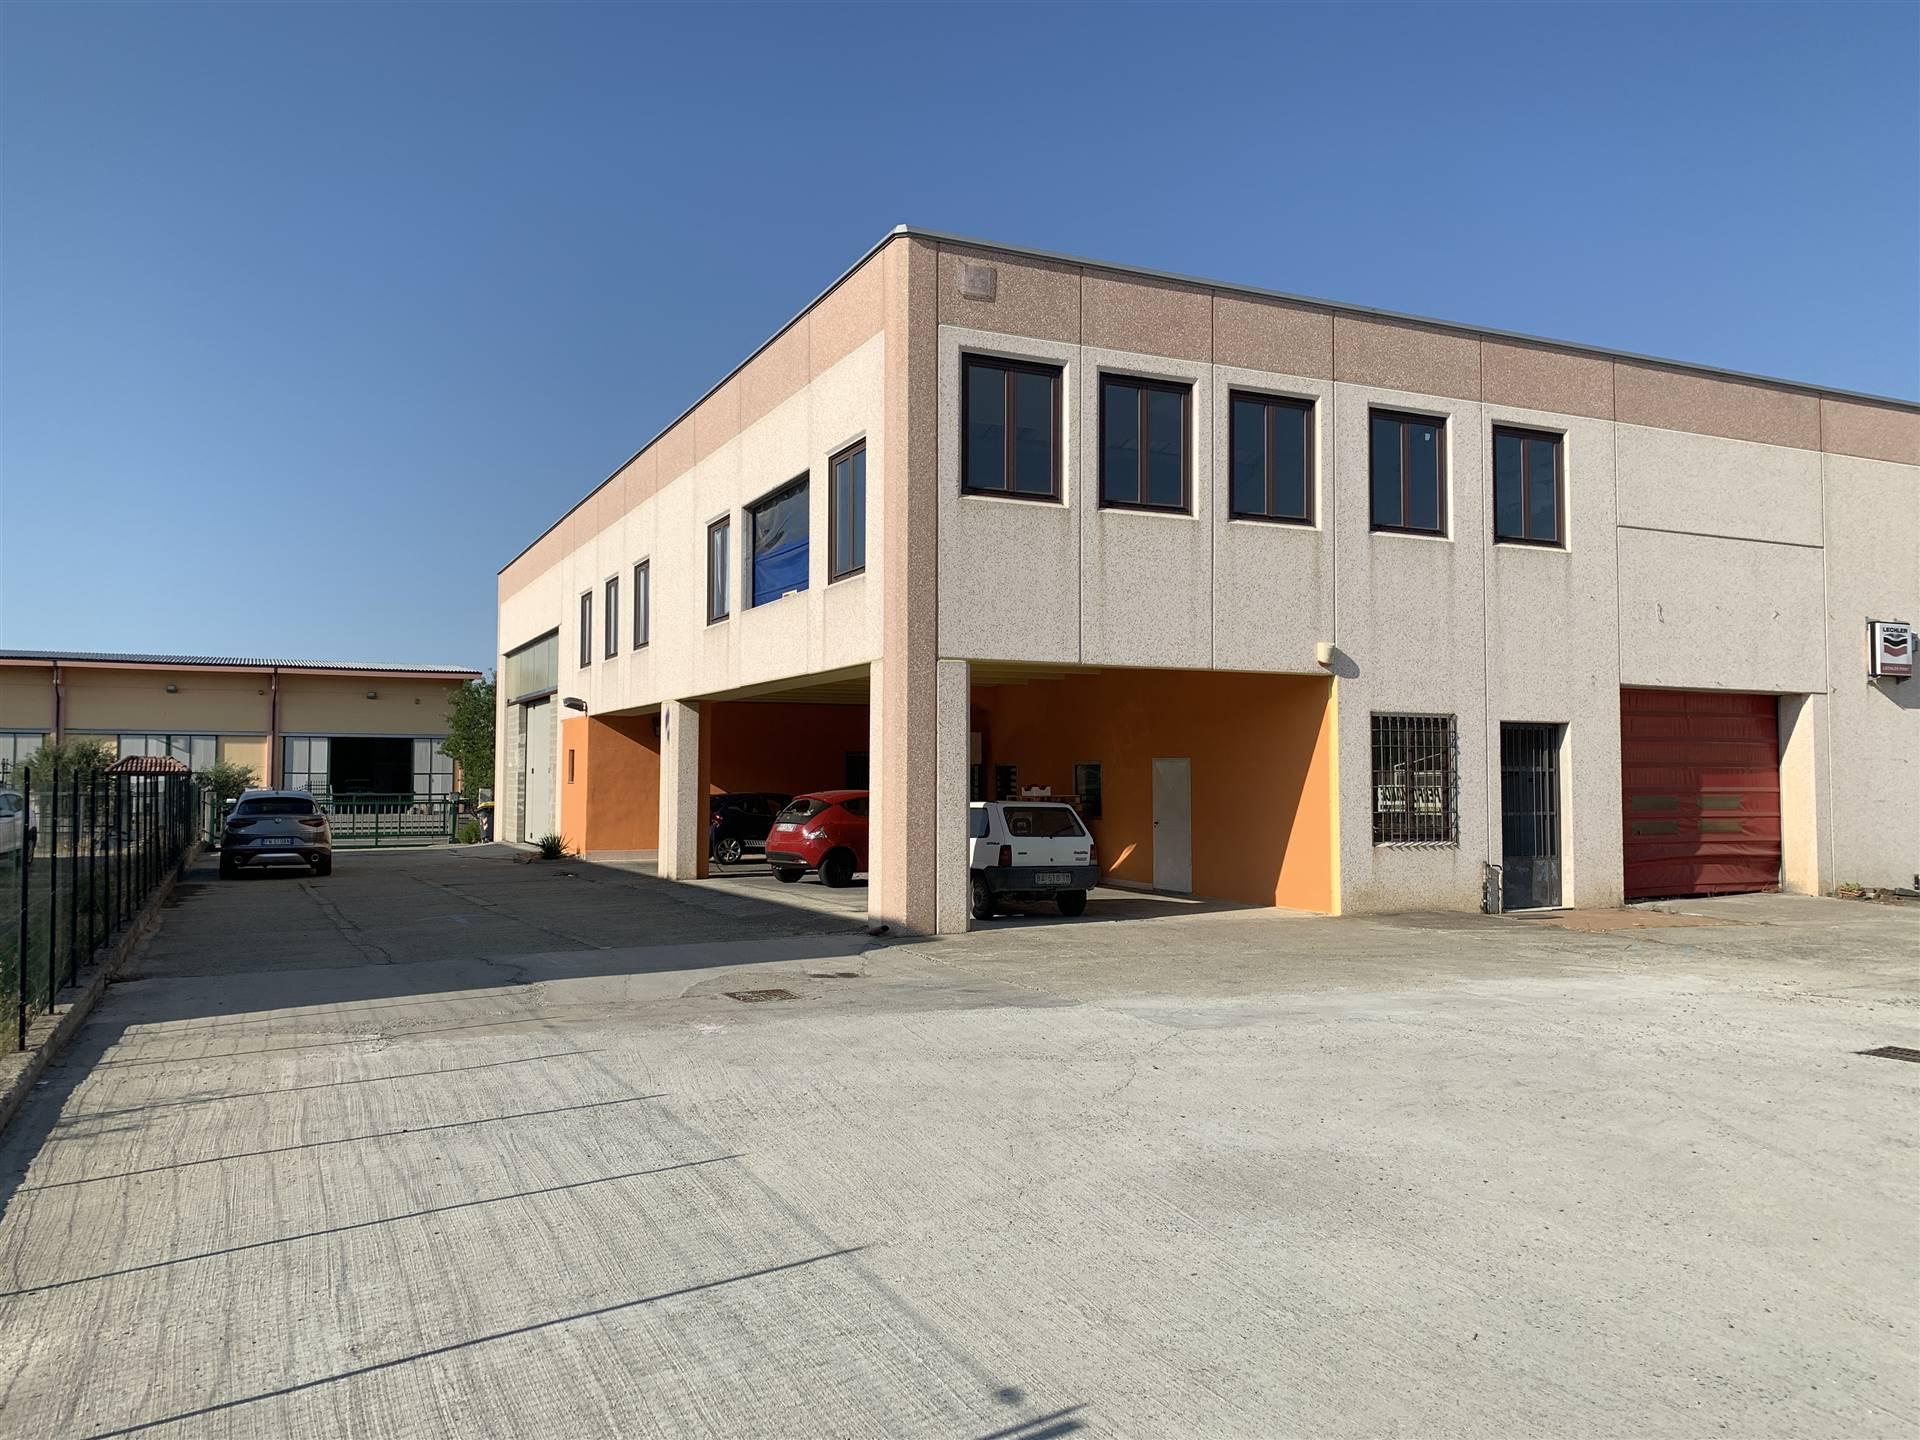 Laboratorio in vendita a Novi Ligure, 4 locali, prezzo € 220.000 | PortaleAgenzieImmobiliari.it